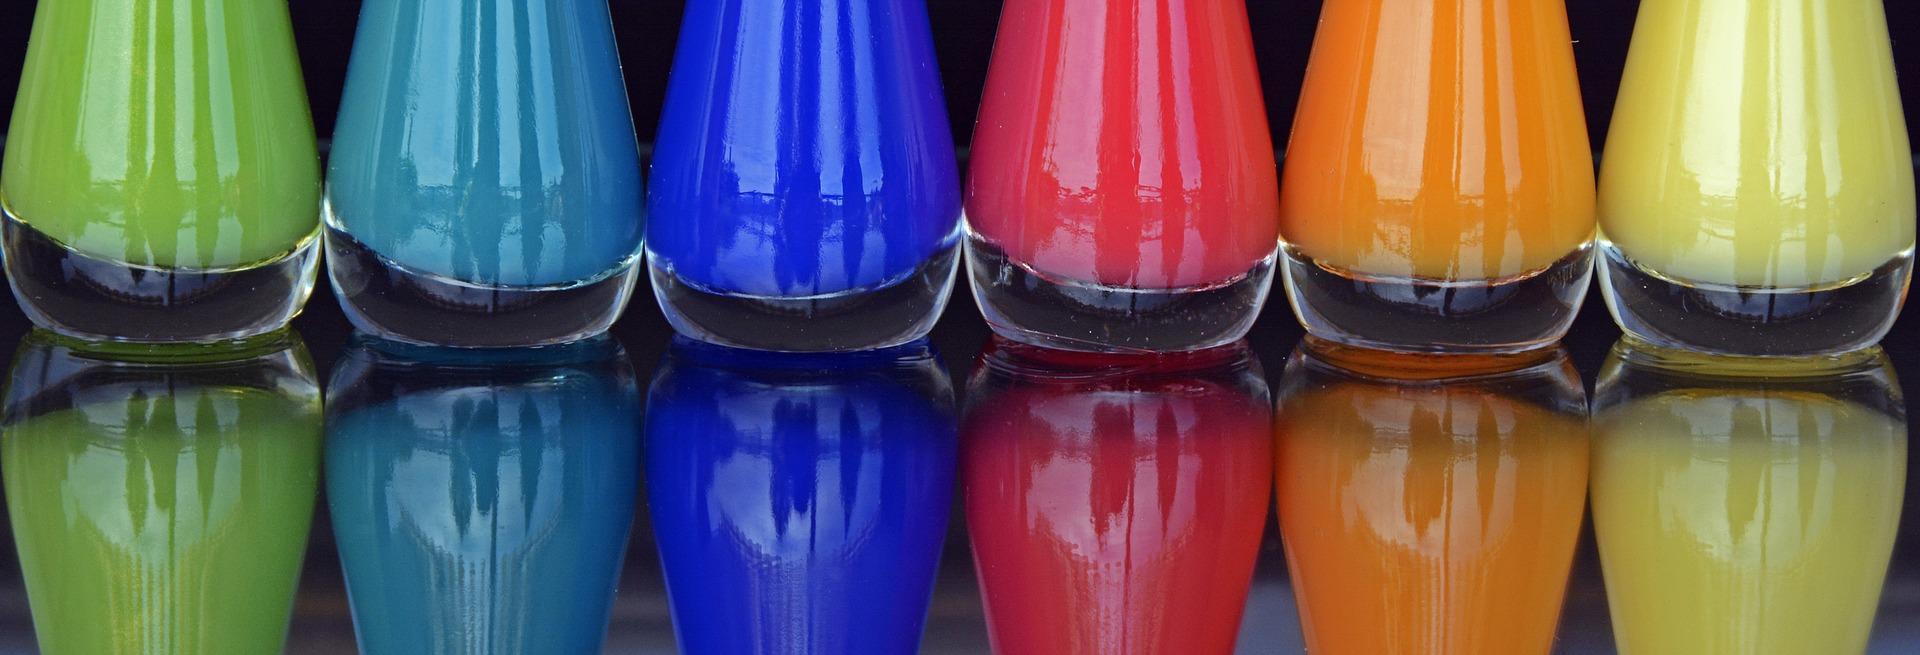 本当に復縁に効くネイルはコレ!最強復縁カラーとデザインの取り入れ方&ネイルでできる簡単おまじない